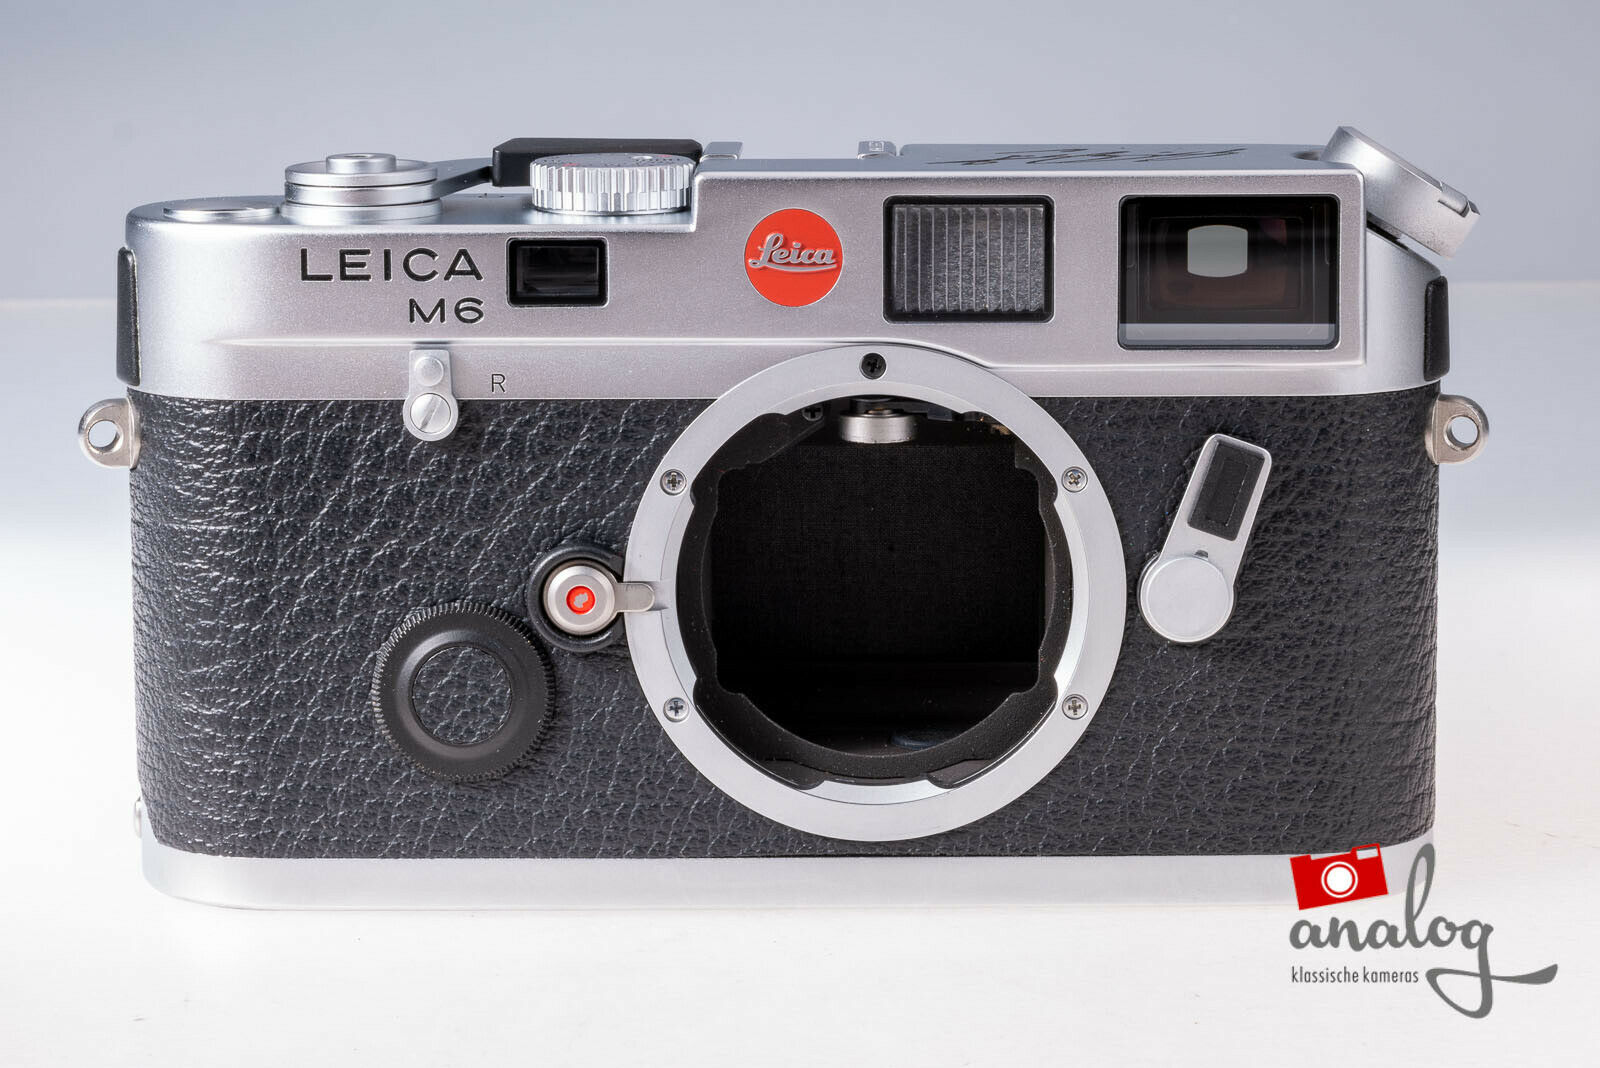 Leica M6 silbern verchromt - 10434   werkstattüberholt